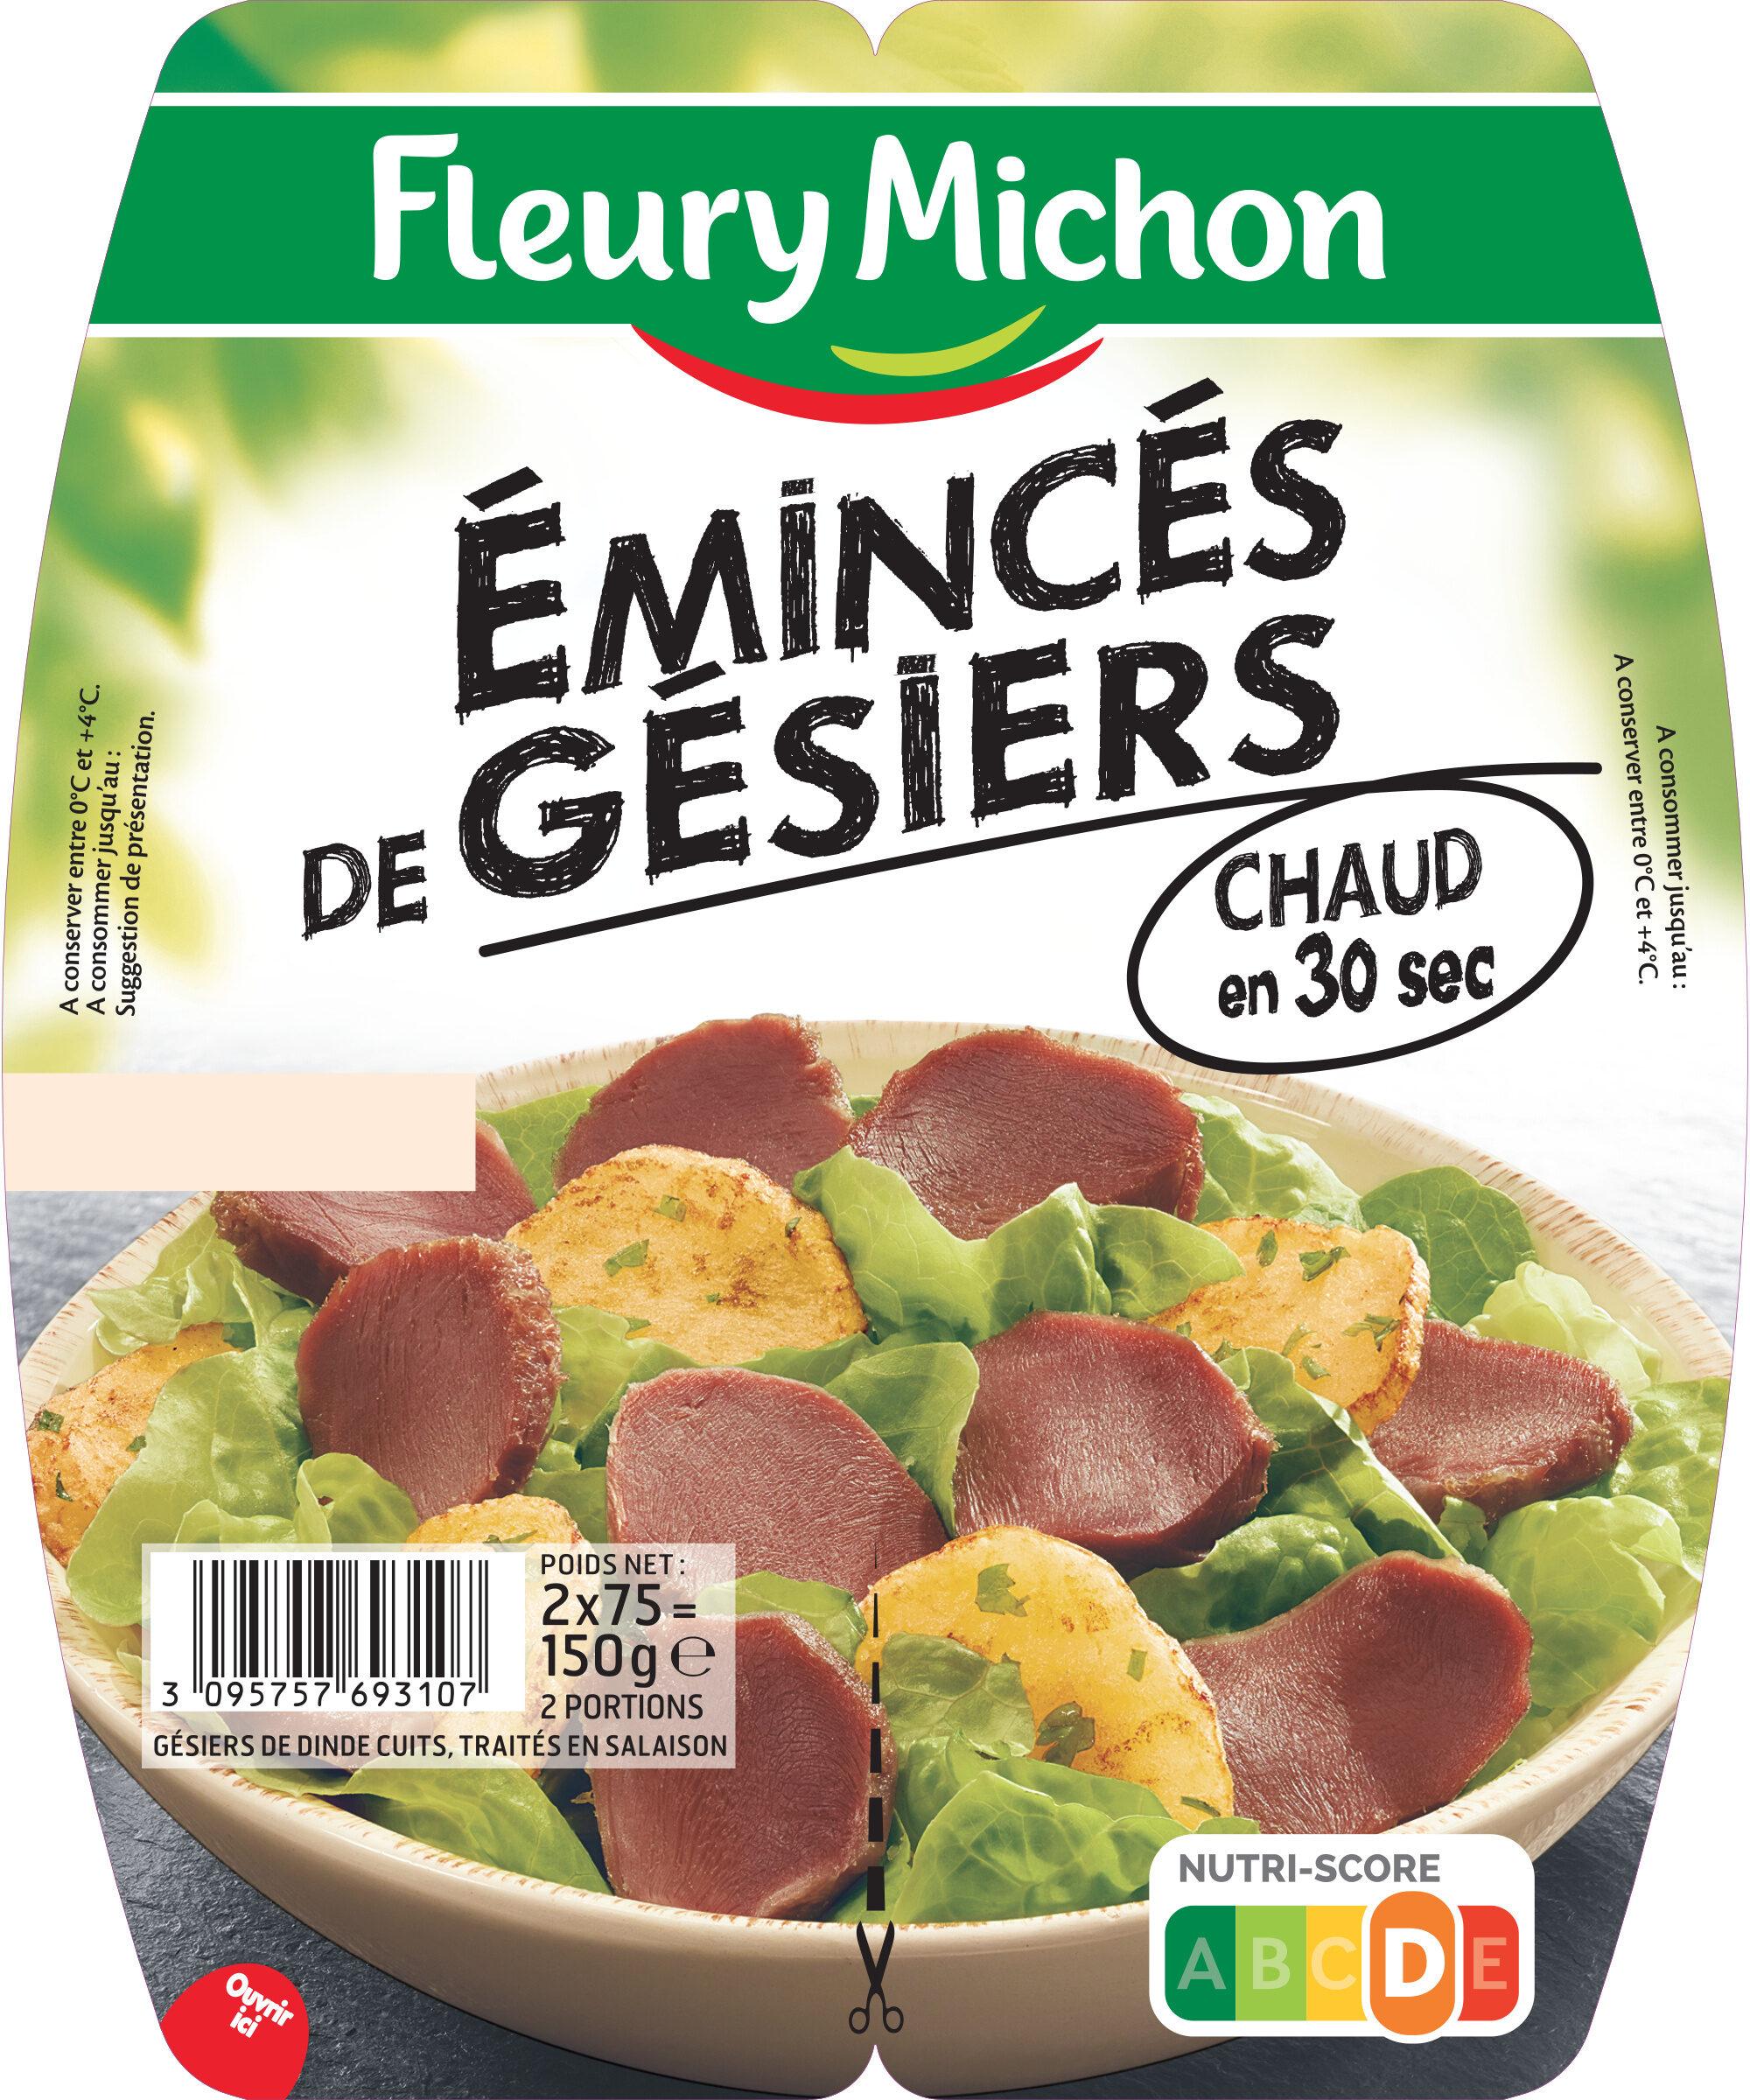 Emincés de gésiers - 2x75g. - Product - fr